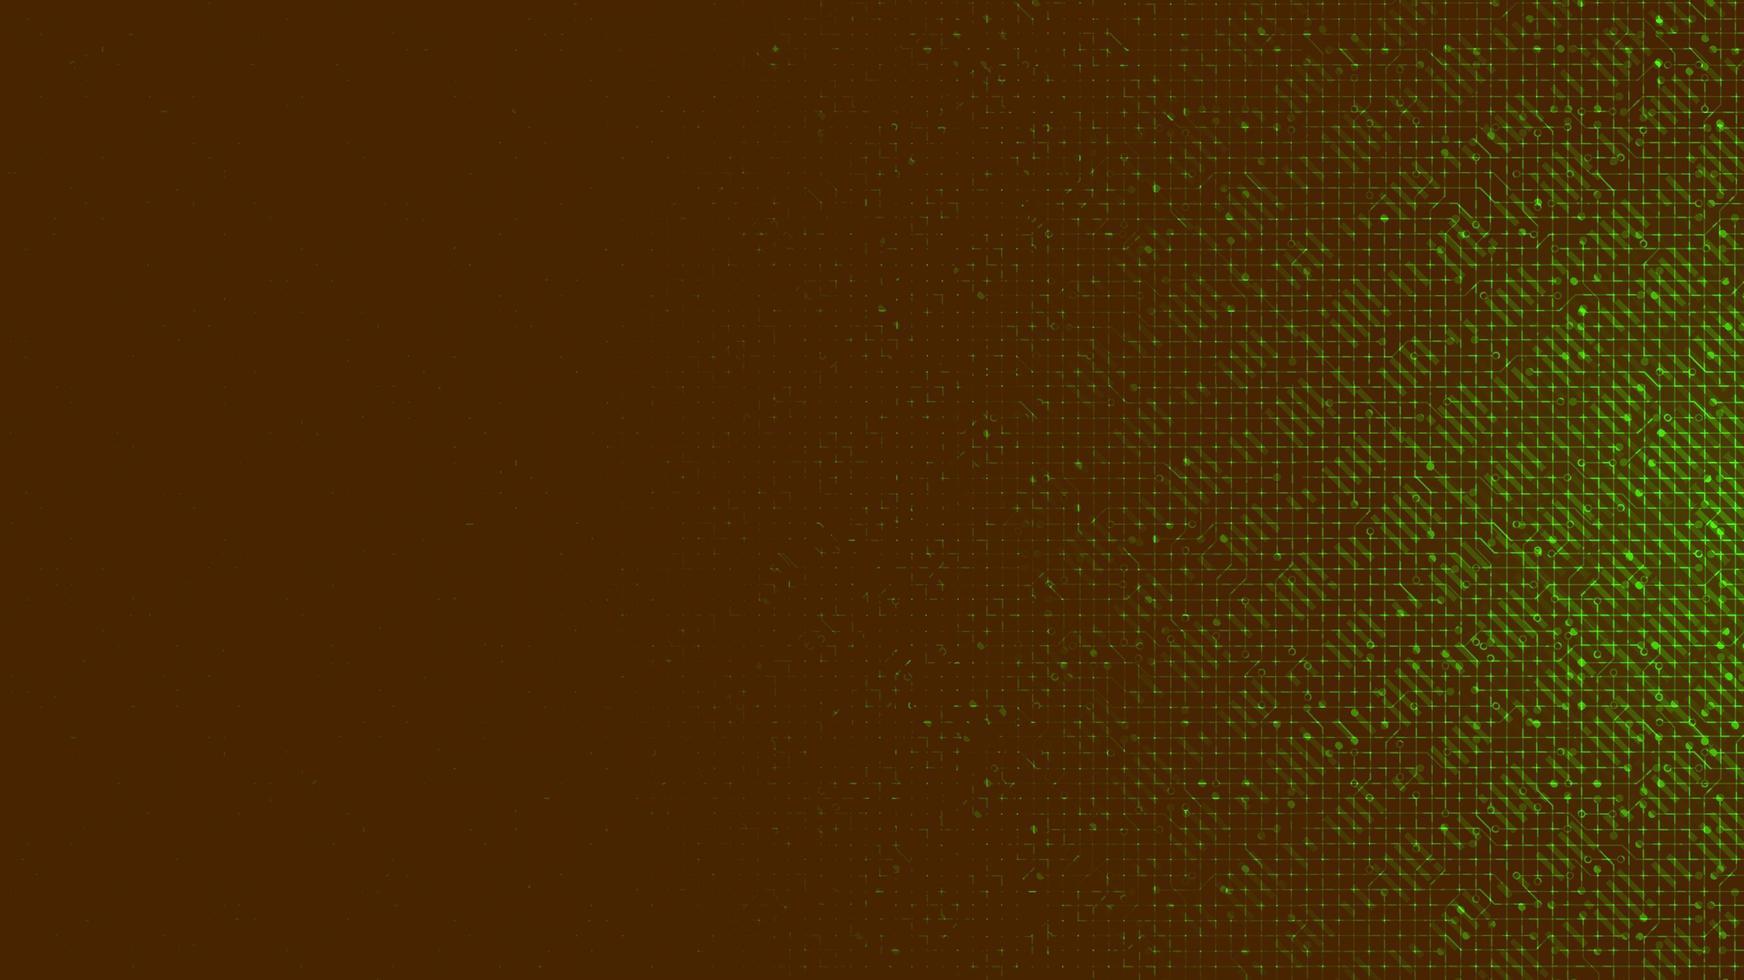 microchip giallo e verde su sfondo tecnologico, design vintage e concetto di sicurezza vettore